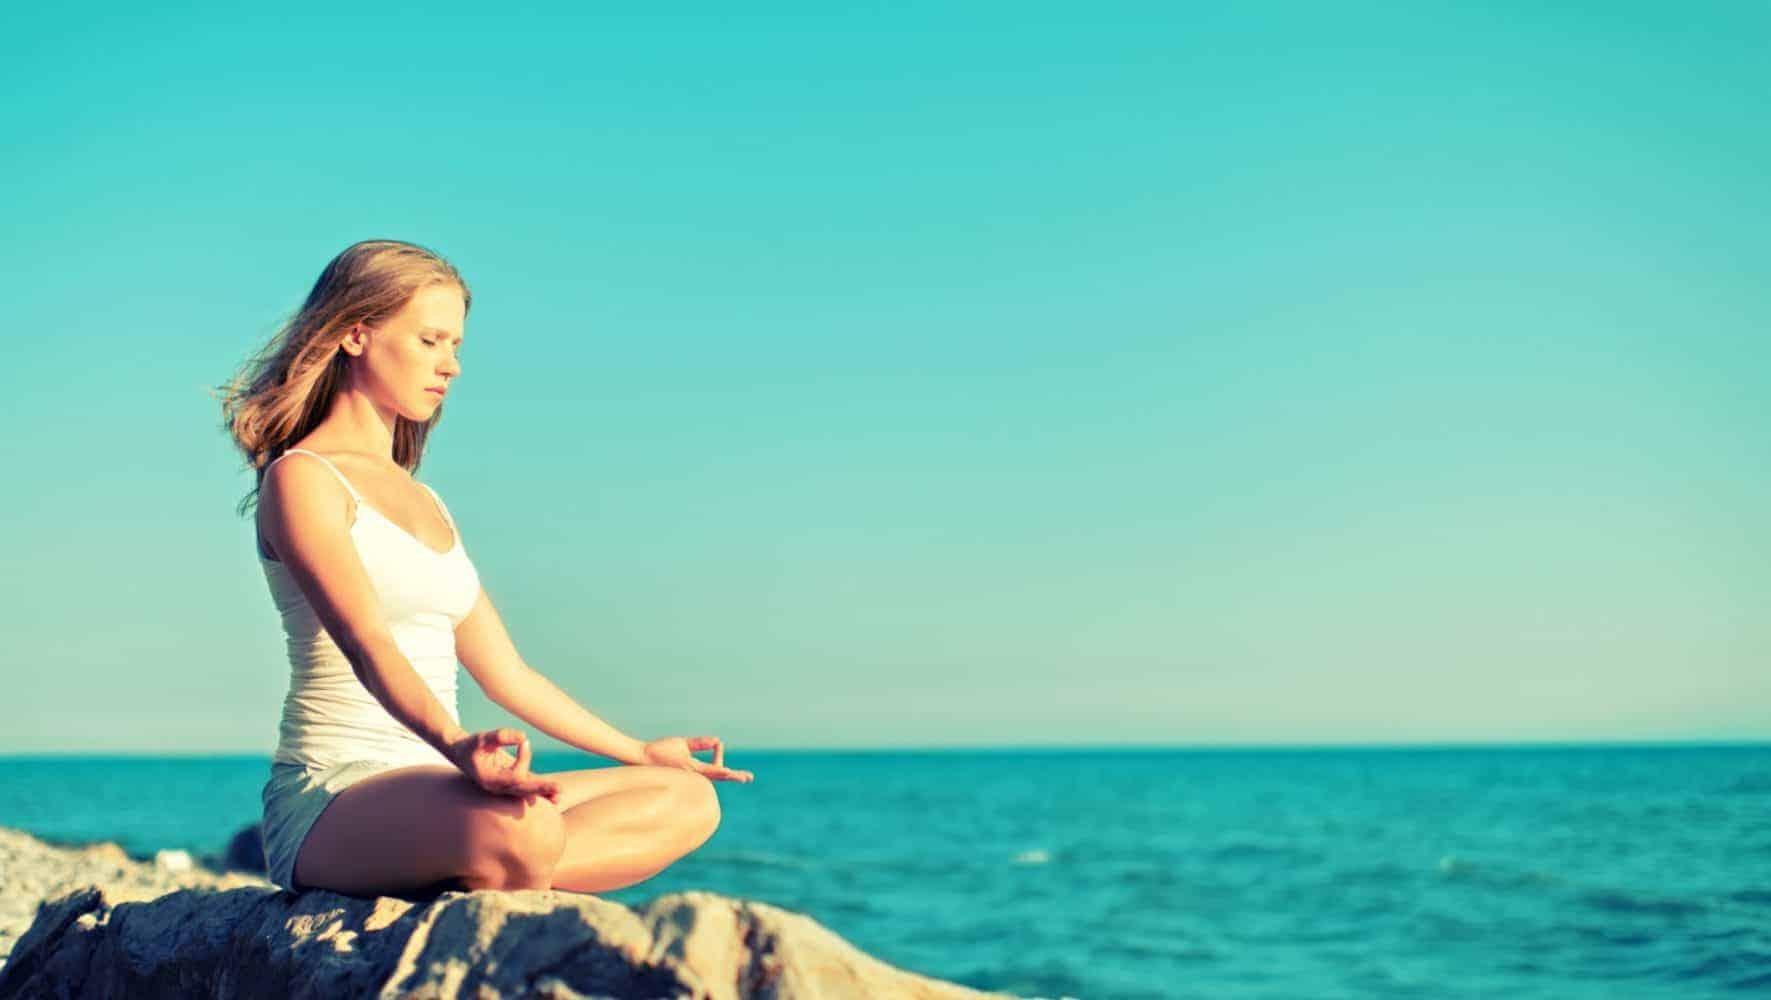 Woman Meditating at Sea